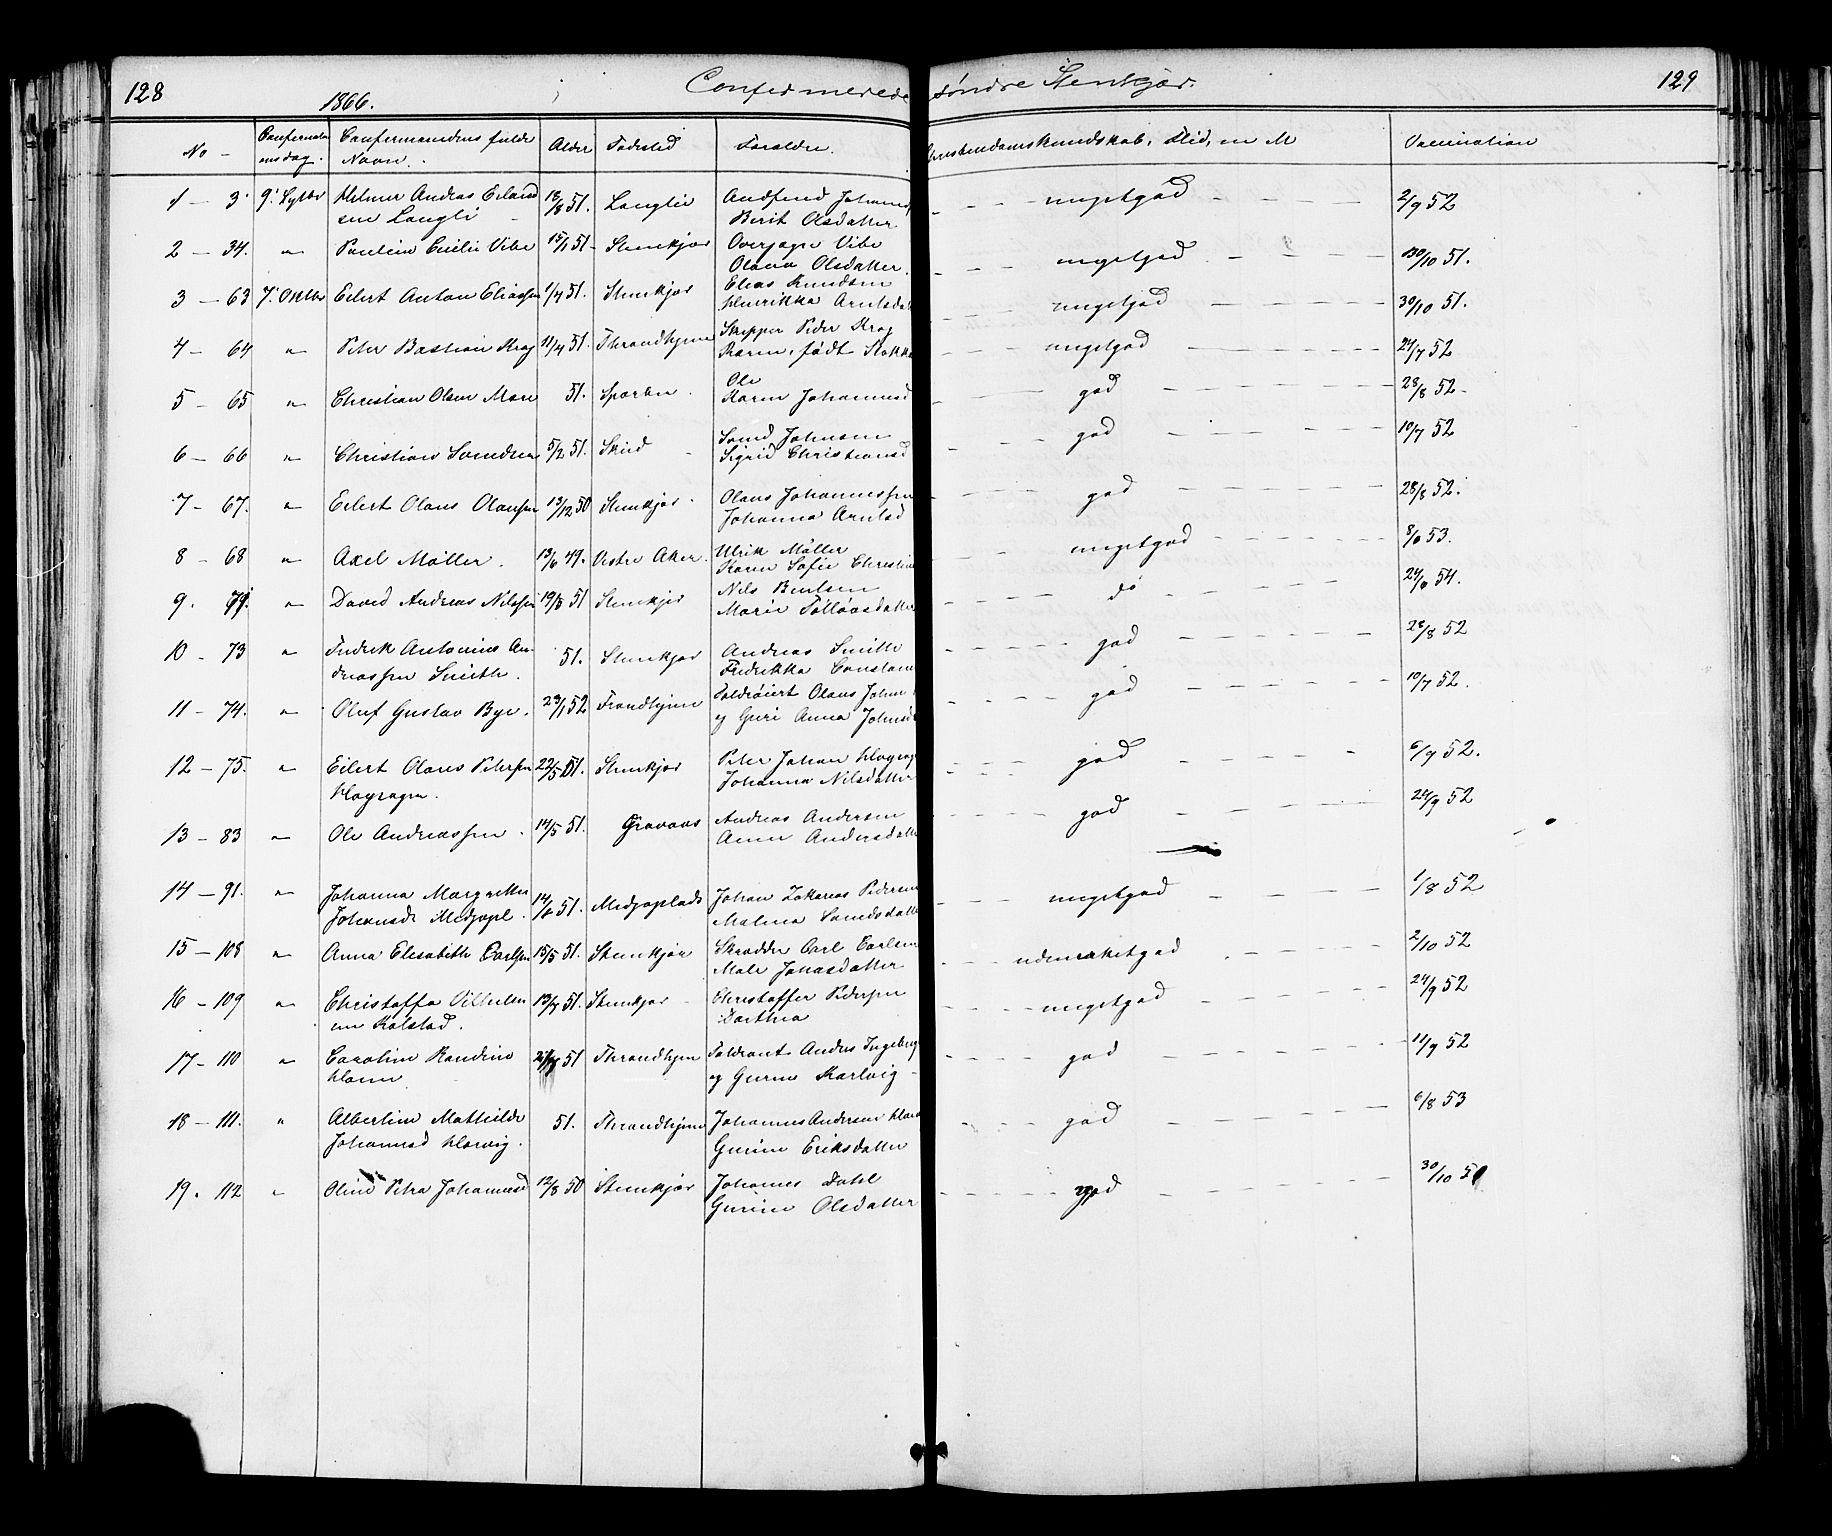 SAT, Ministerialprotokoller, klokkerbøker og fødselsregistre - Nord-Trøndelag, 739/L0367: Ministerialbok nr. 739A01 /1, 1838-1868, s. 128-129